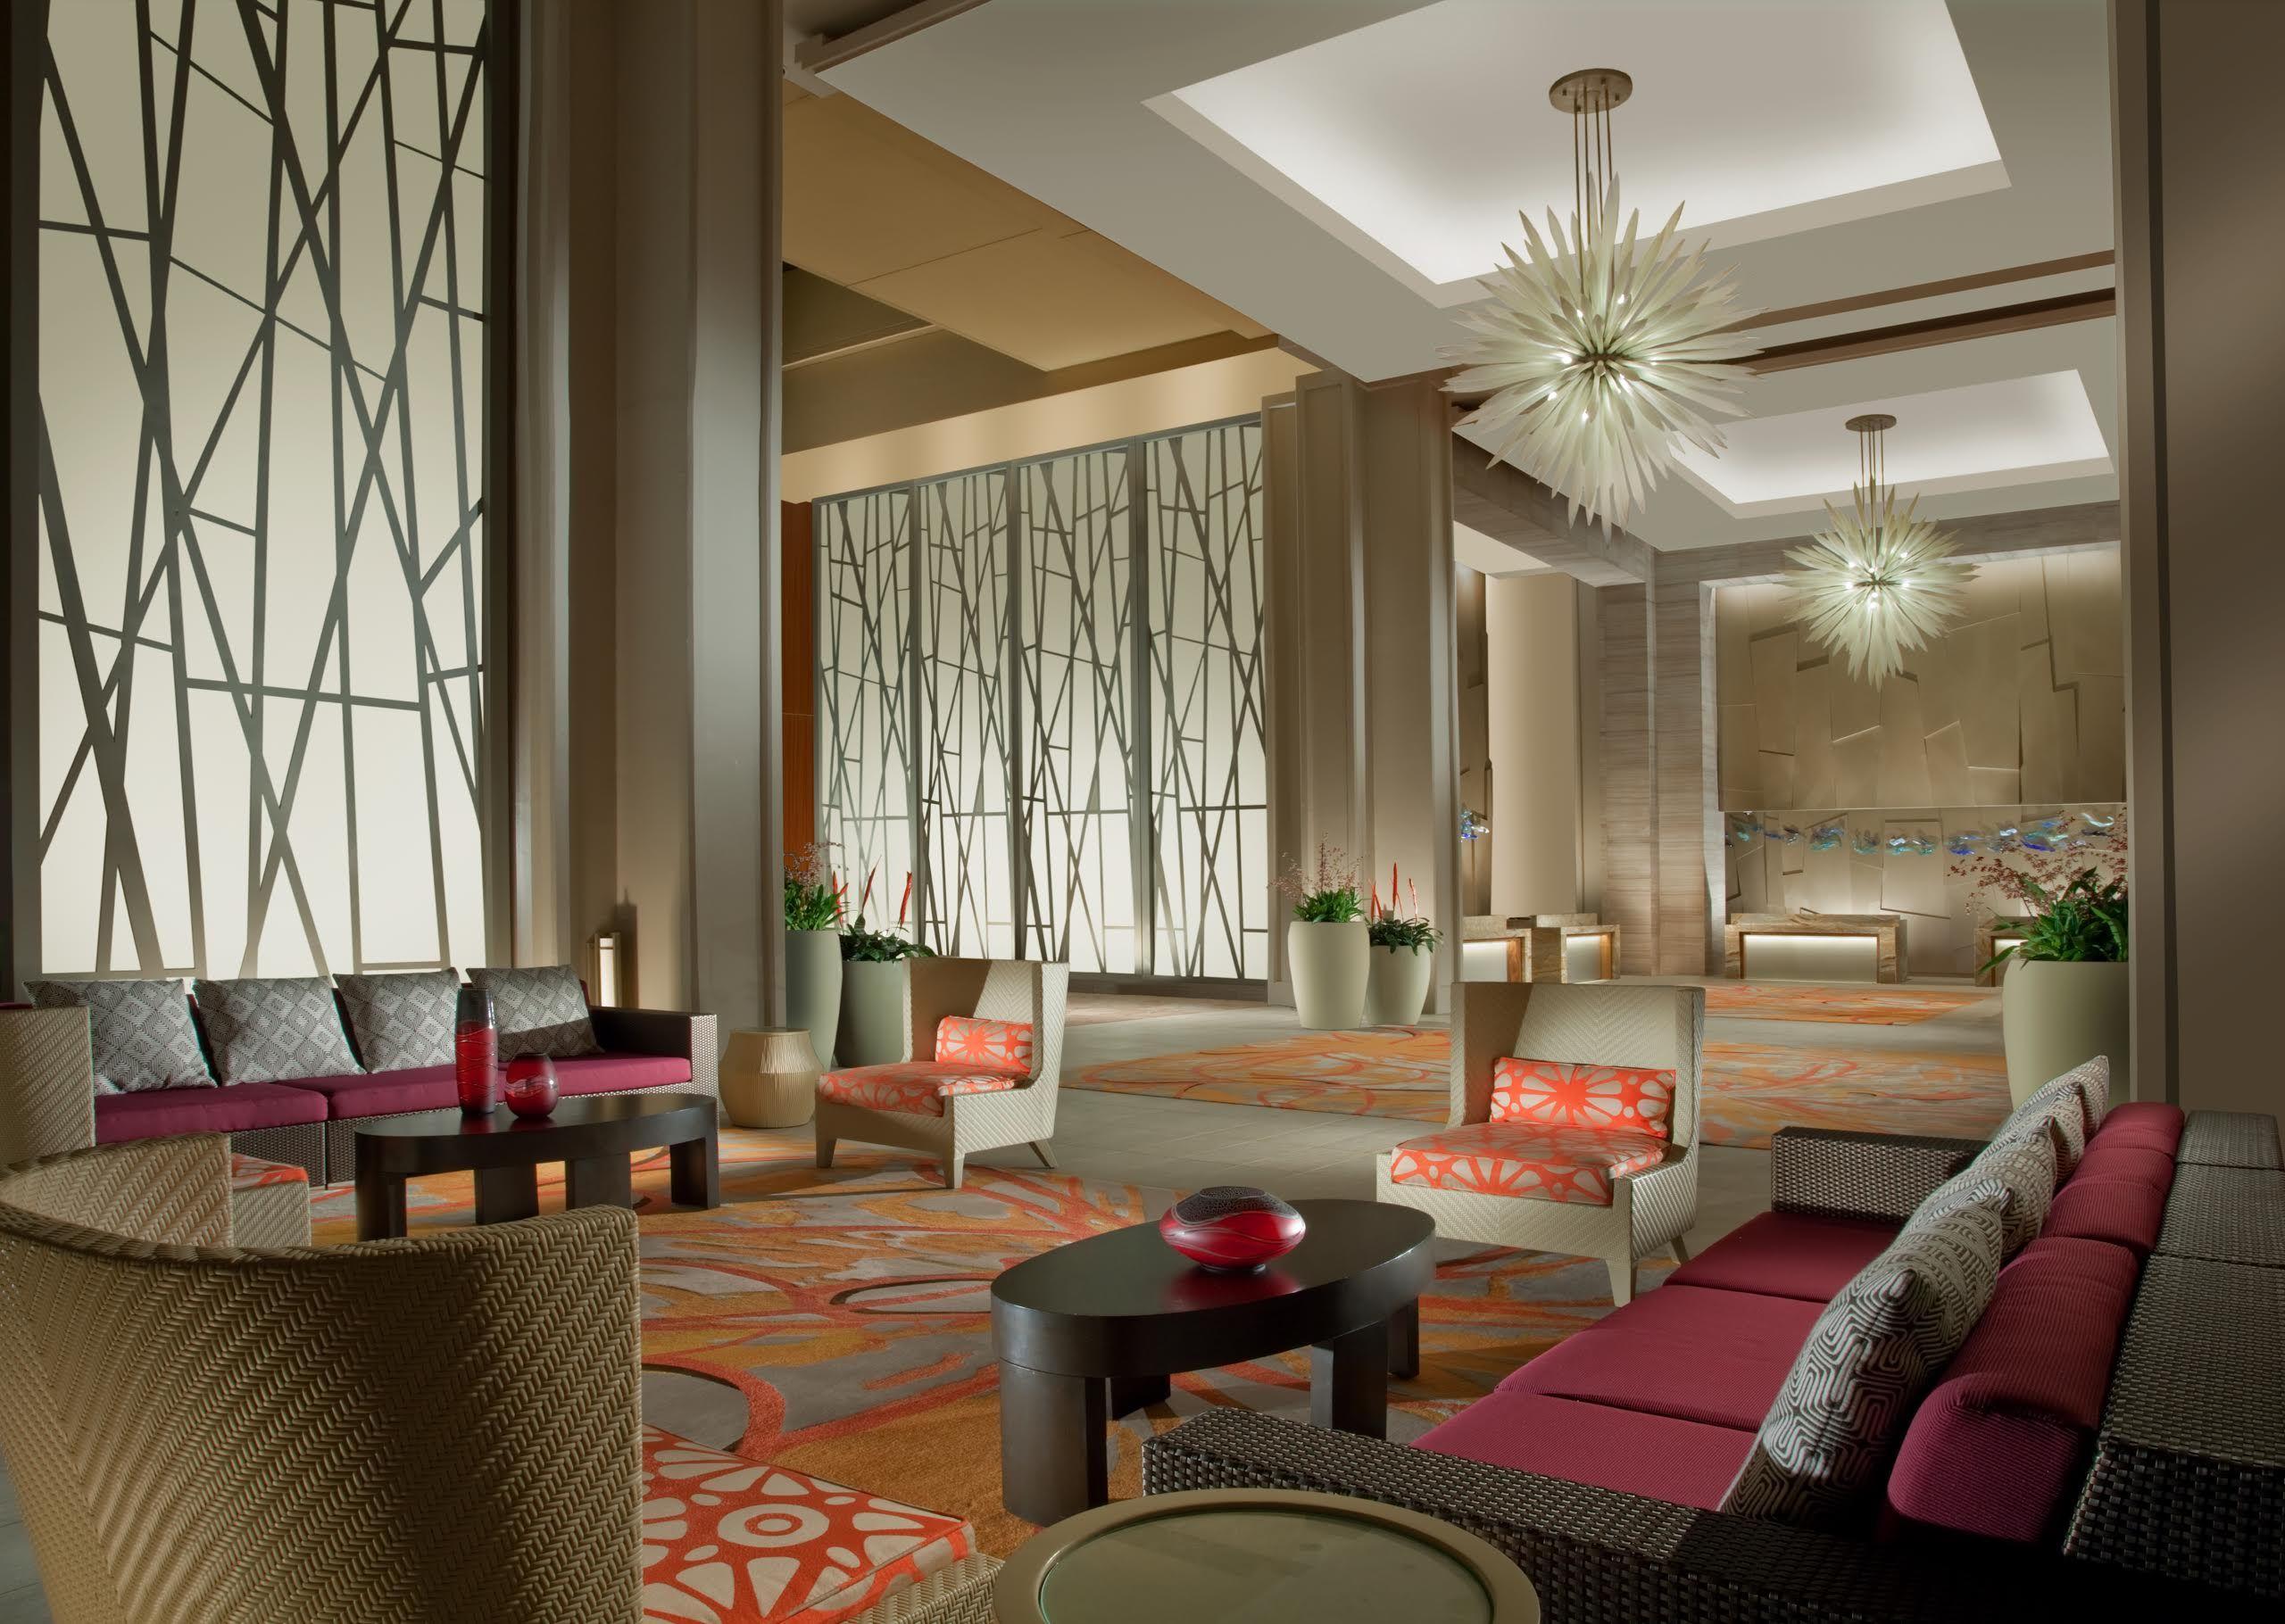 Hyatt Regency Maui Interior Design By Cra Design Zenith Rugs